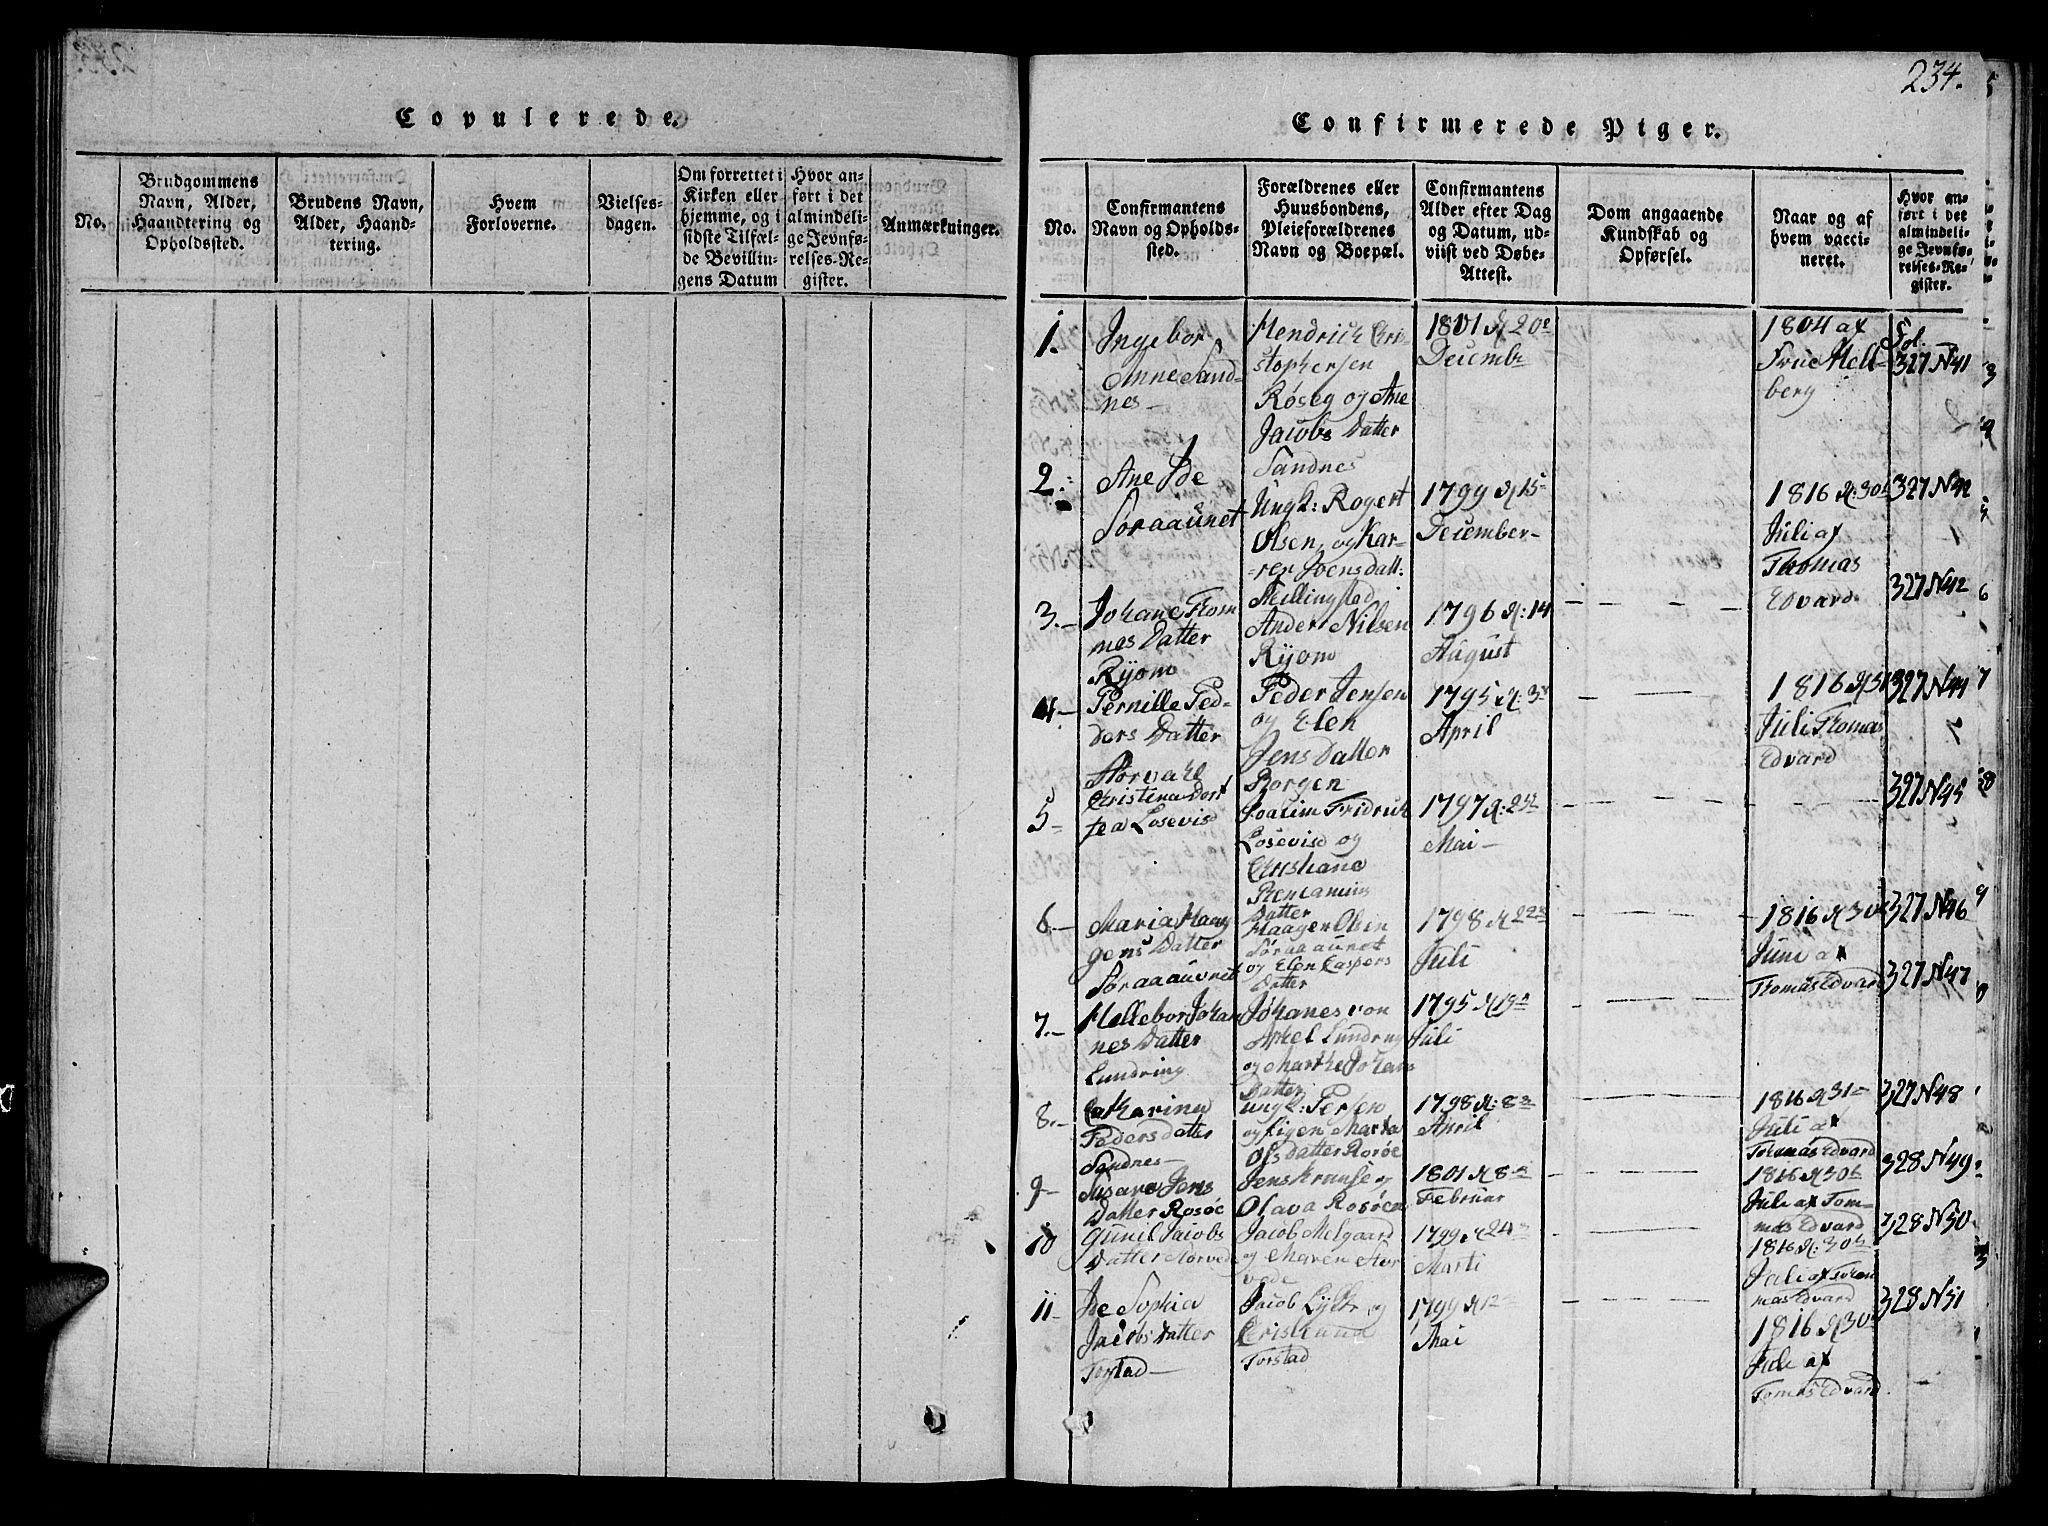 SAT, Ministerialprotokoller, klokkerbøker og fødselsregistre - Nord-Trøndelag, 784/L0679: Klokkerbok nr. 784C01 /1, 1816-1822, s. 234